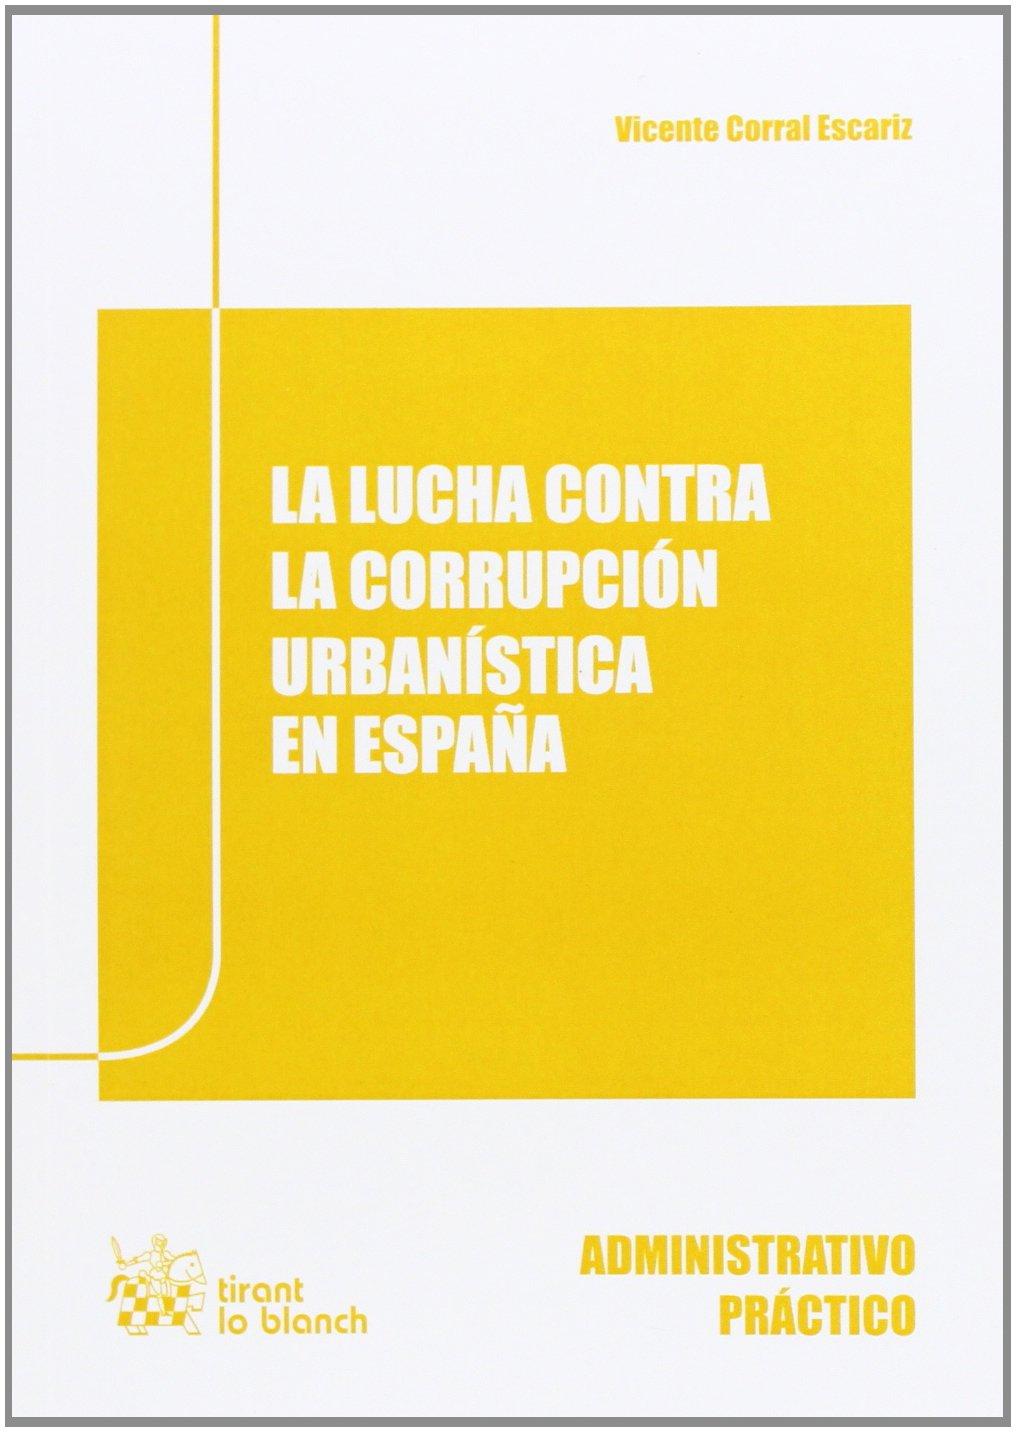 La Lucha Contra la Corrupción Urbanística en España Administrativo práctico: Amazon.es: Vicente Corral Escariz, Vicente Corral Escariz: Libros